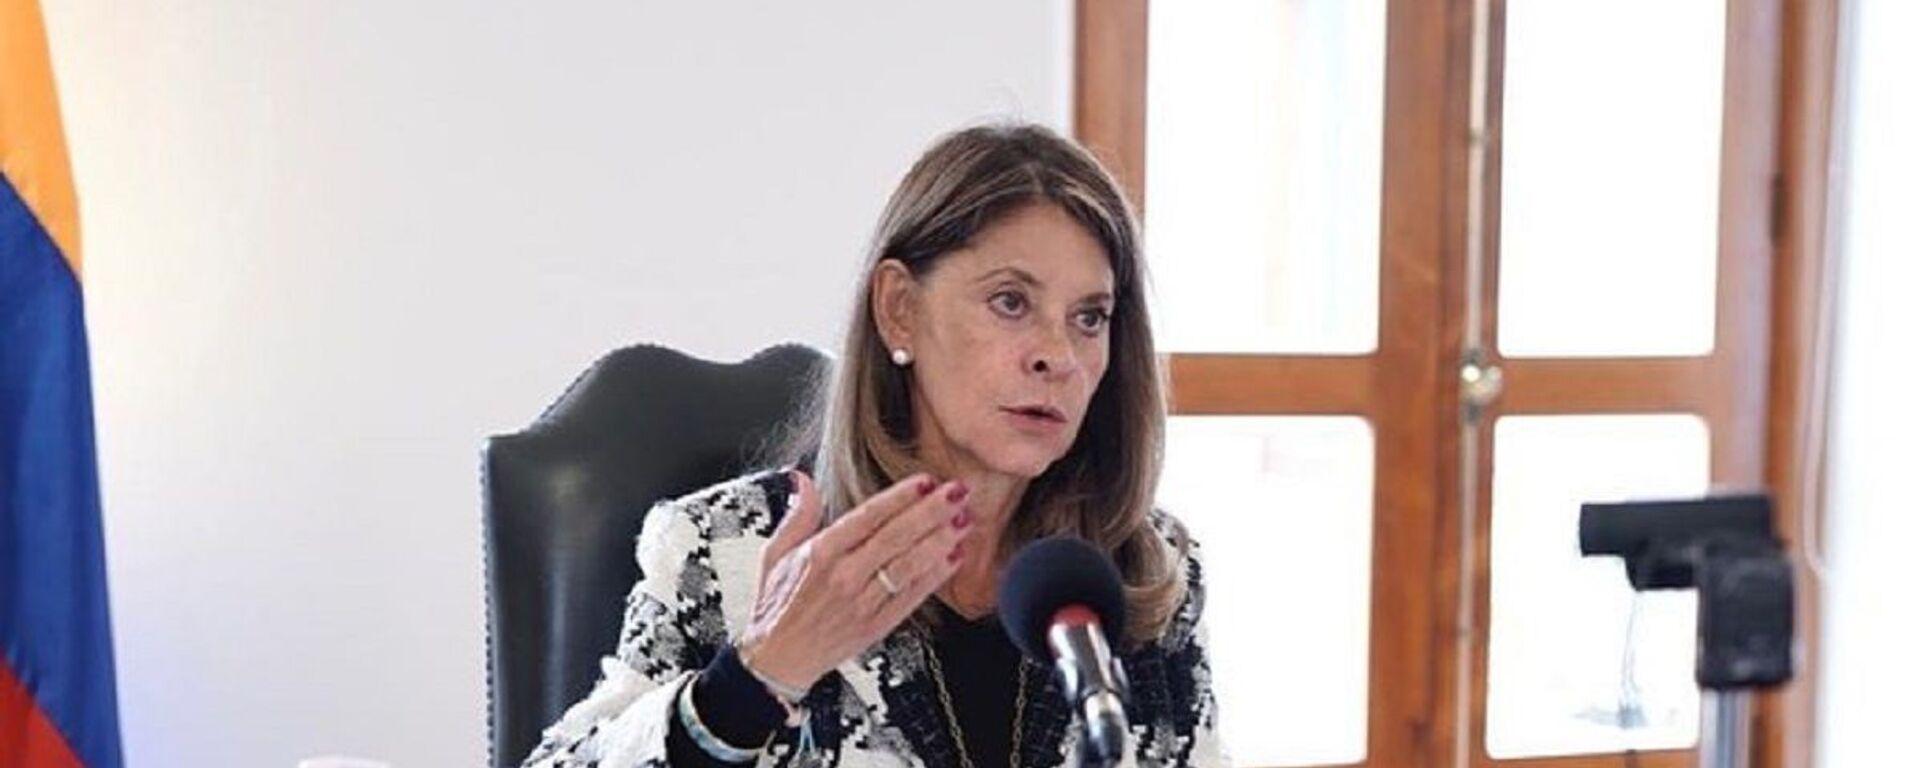 Marta Lucía Ramírez, vicepresidenta de Colombia - Sputnik Mundo, 1920, 07.06.2021